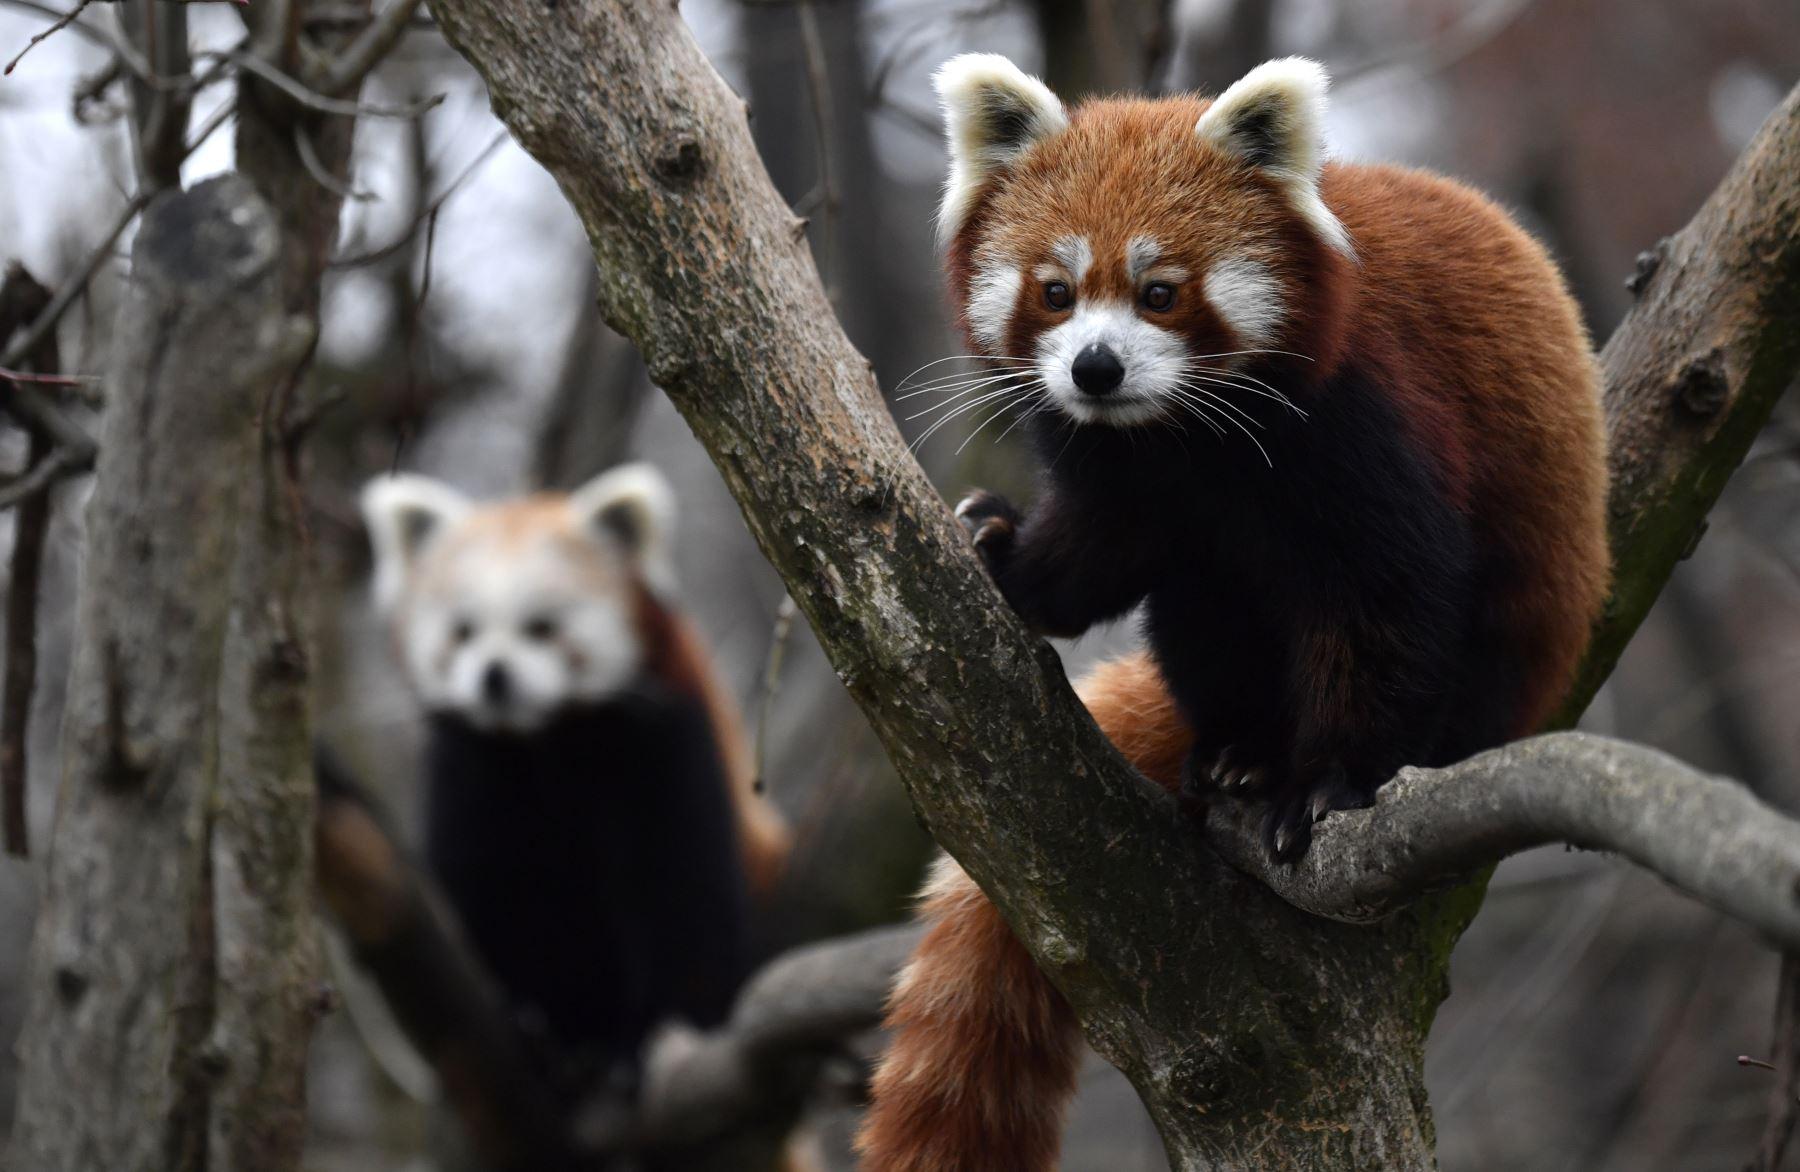 Dos pandas rojos trepan a los árboles en su recinto en el zoológico Tierpark de Berlín. El panda rojo, originario del Himalaya oriental y el sudoeste de China, se encuentra en la Lista Roja de la UICN como En Peligro de Extinción, ya que la población silvestre se estima en menos Más de 10.000 individuos maduros y continúa disminuyendo debido a la pérdida y fragmentación del hábitat, la caza furtiva y la depresión por endogamia. AFP